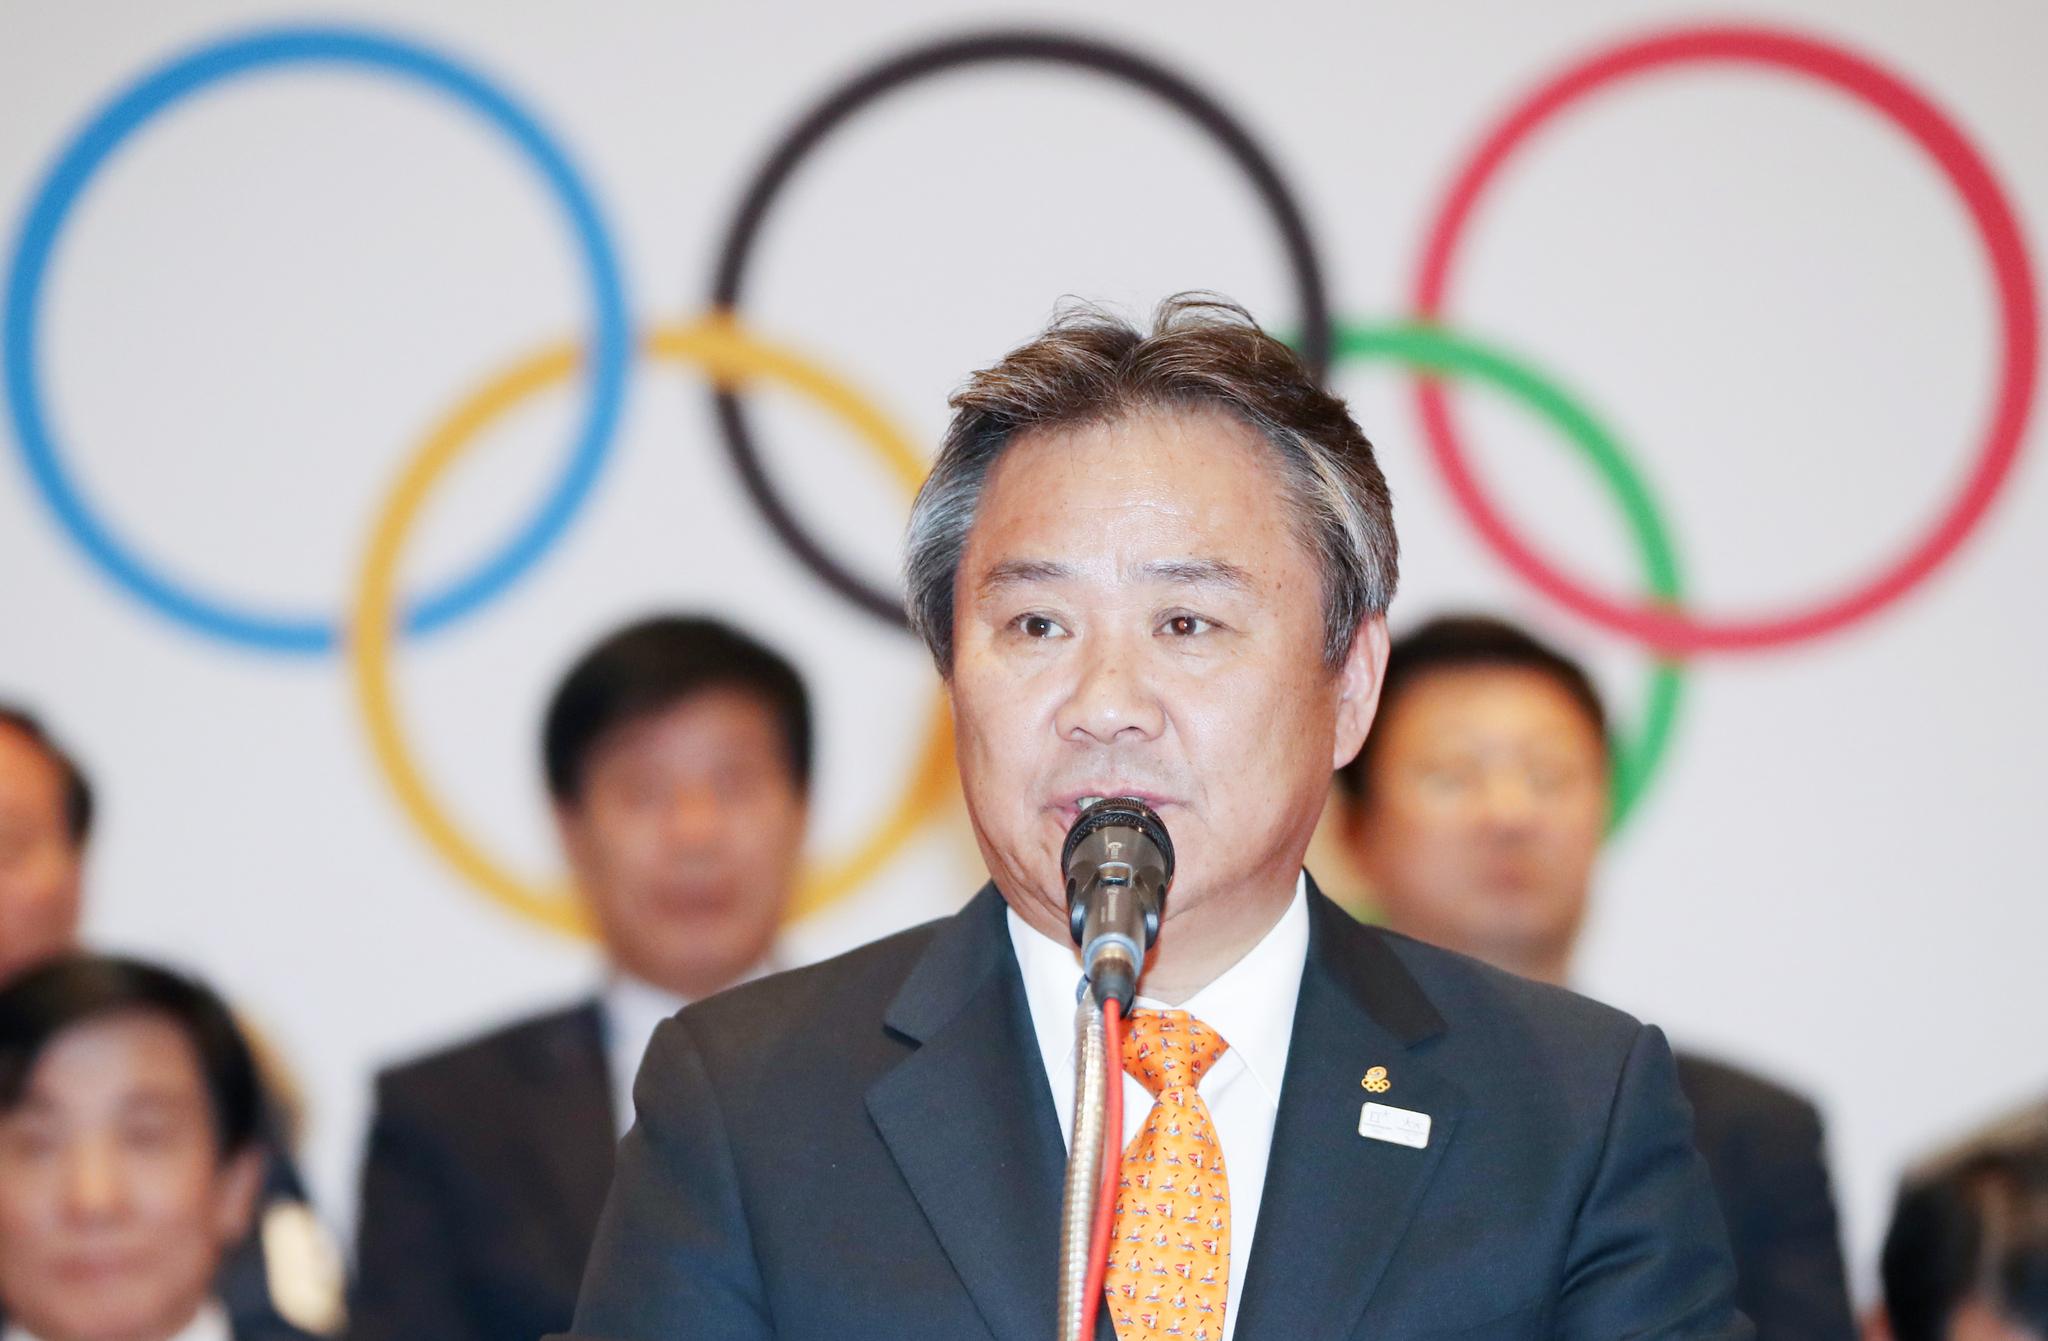 이기흥 대한체육회장이 26일(한국시간) 스위스 로잔에서 열린 제134차 국제올림픽위원회(IOC) 총회에서 IOC 신규위원으로 선출됐다. [연합뉴스]